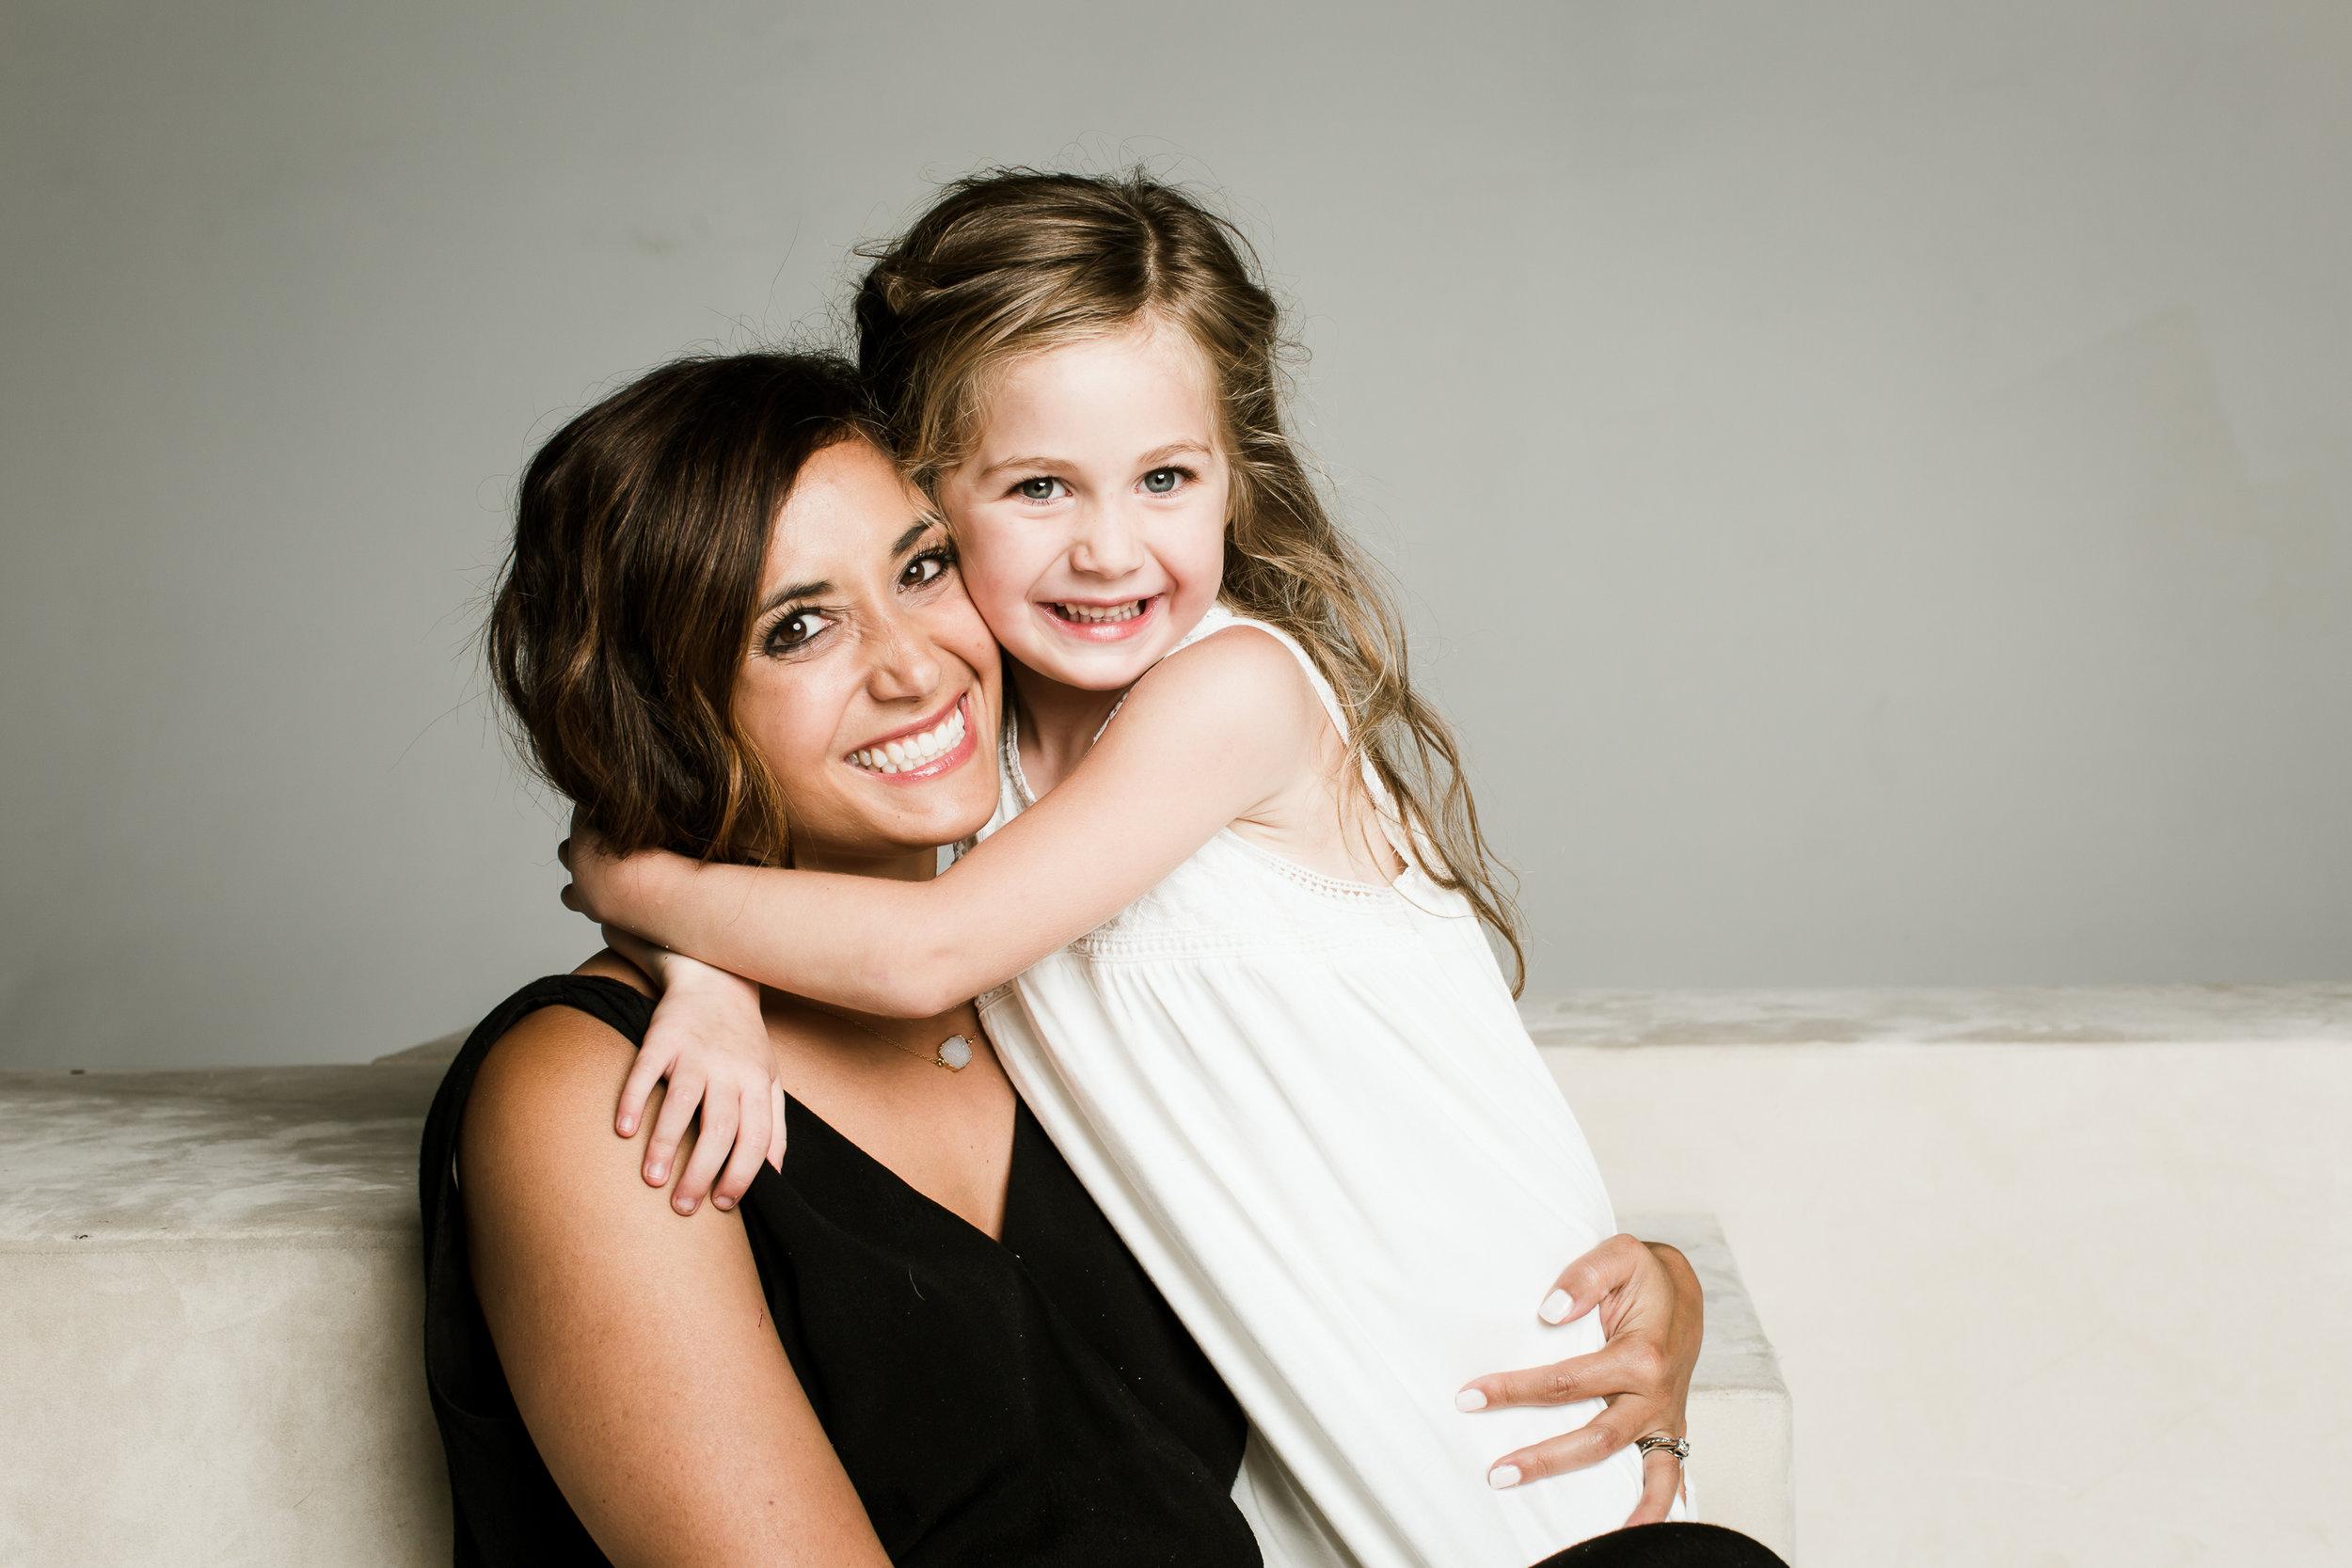 Gianna Keiko Atlanta Family Studio Portrait Photographer-13.jpg